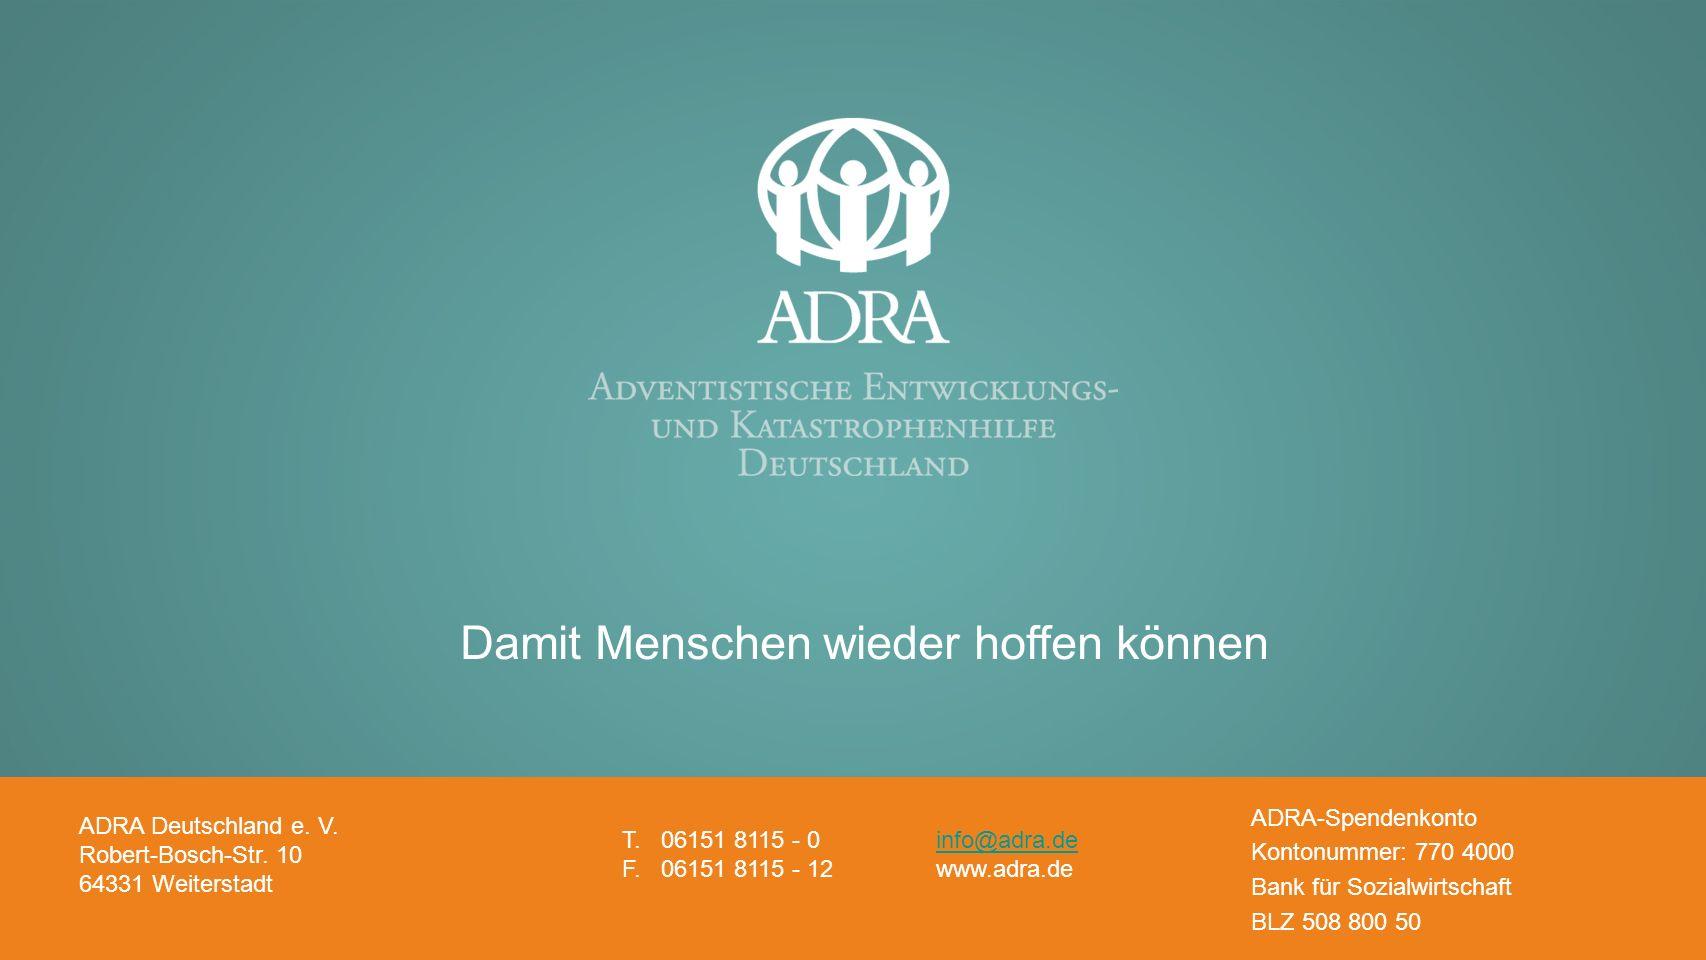 Adventistische Entwicklungs- und Katastrophenhilfe www.adra.de Damit Menschen wieder hoffen können ADRA Deutschland e. V. Robert-Bosch-Str. 10 64331 W